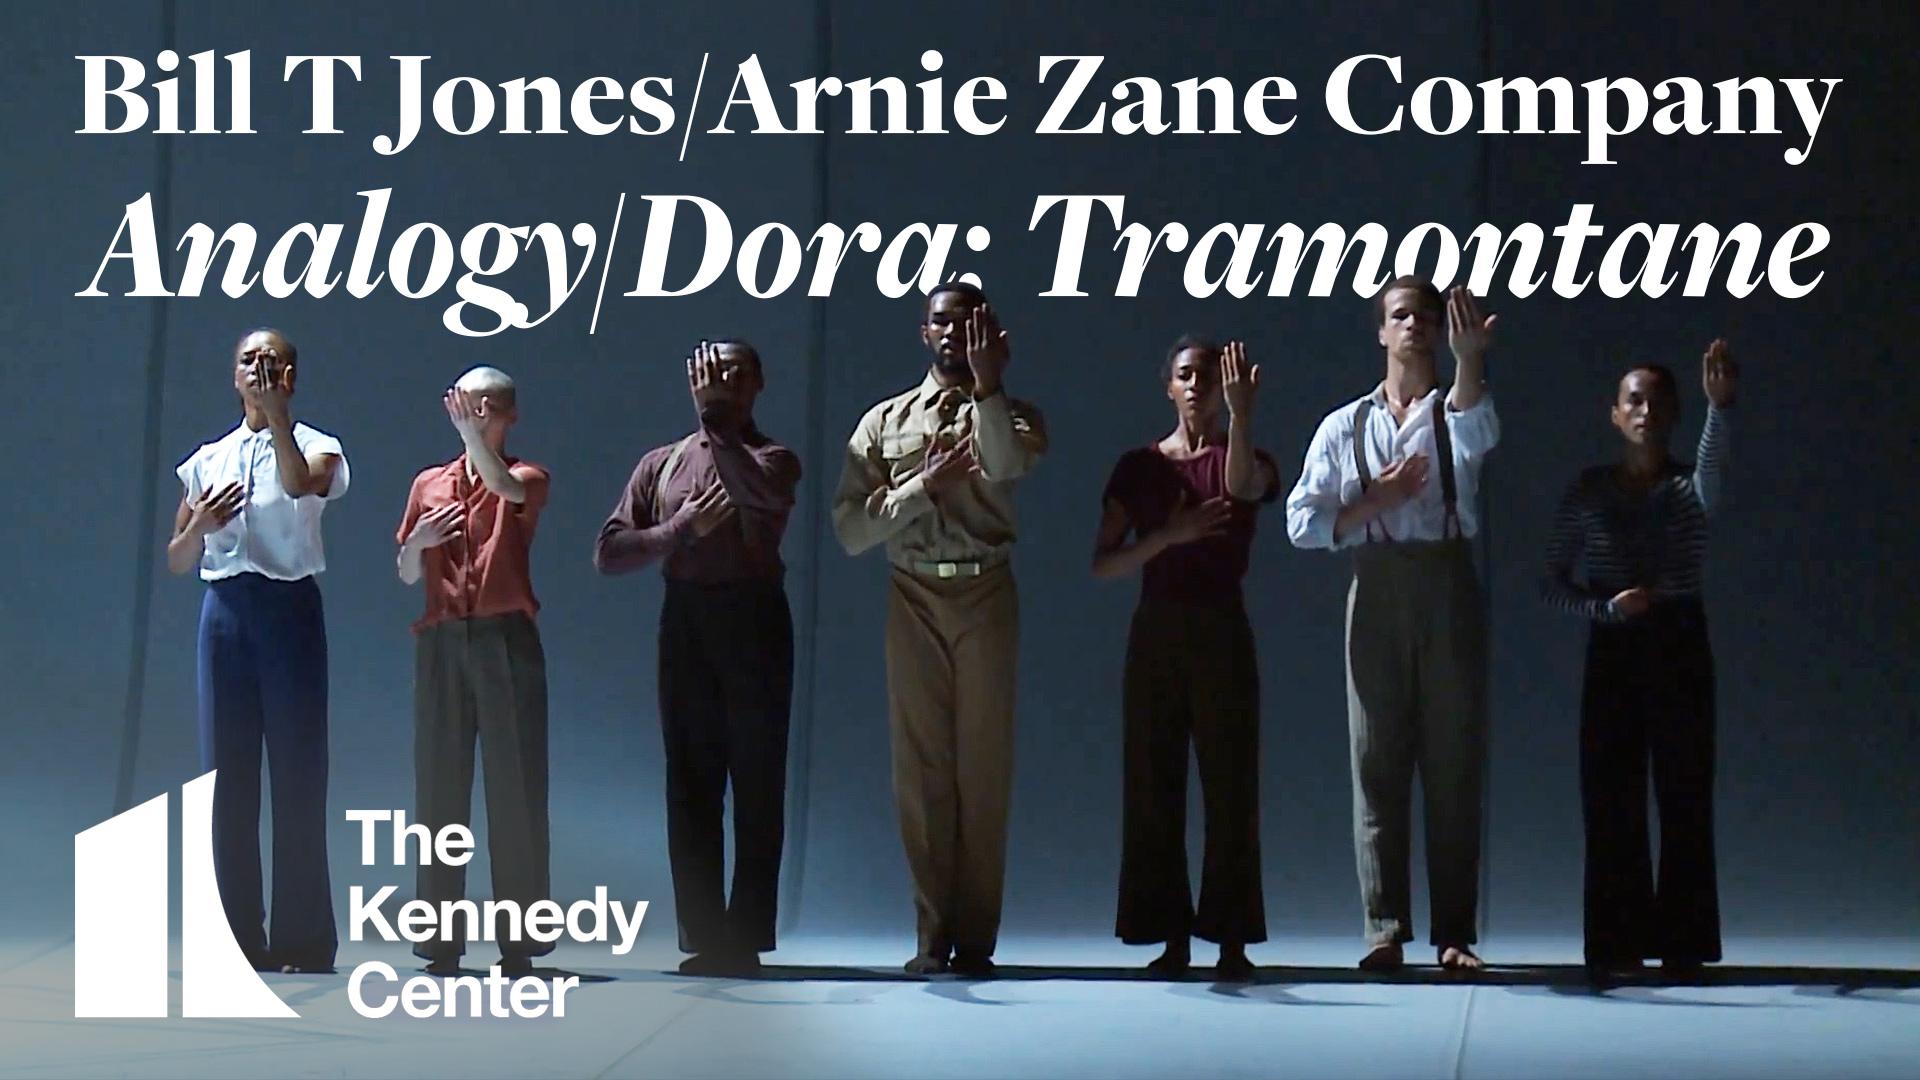 Bill T. Jones/Arnie Zane Company: Analogy/Dora: Tramontane | The Kennedy Center